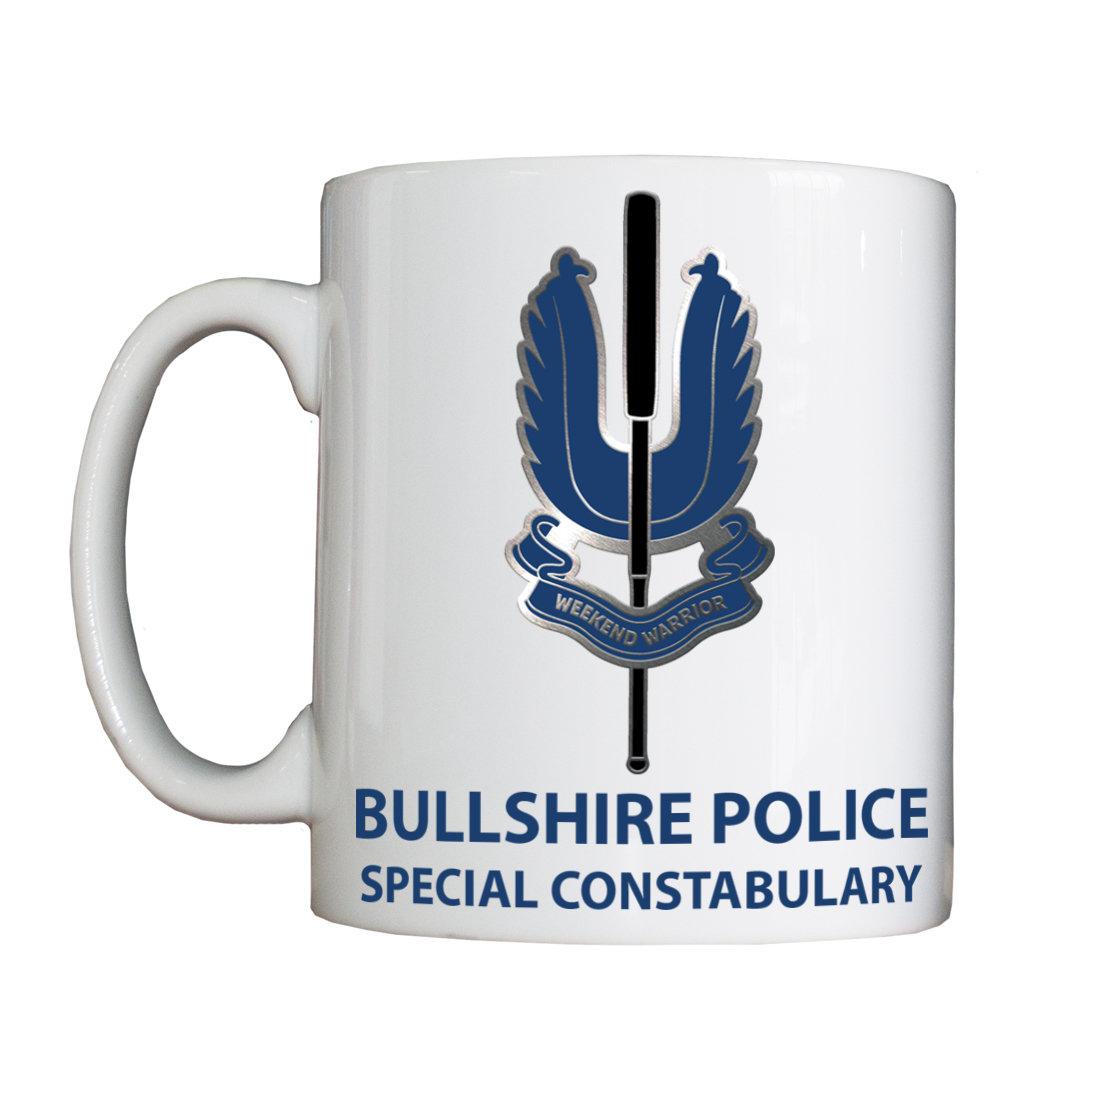 Personalised 'Weekend Warrior' Drinking Vessel (Mug) WeekendWarriorMug